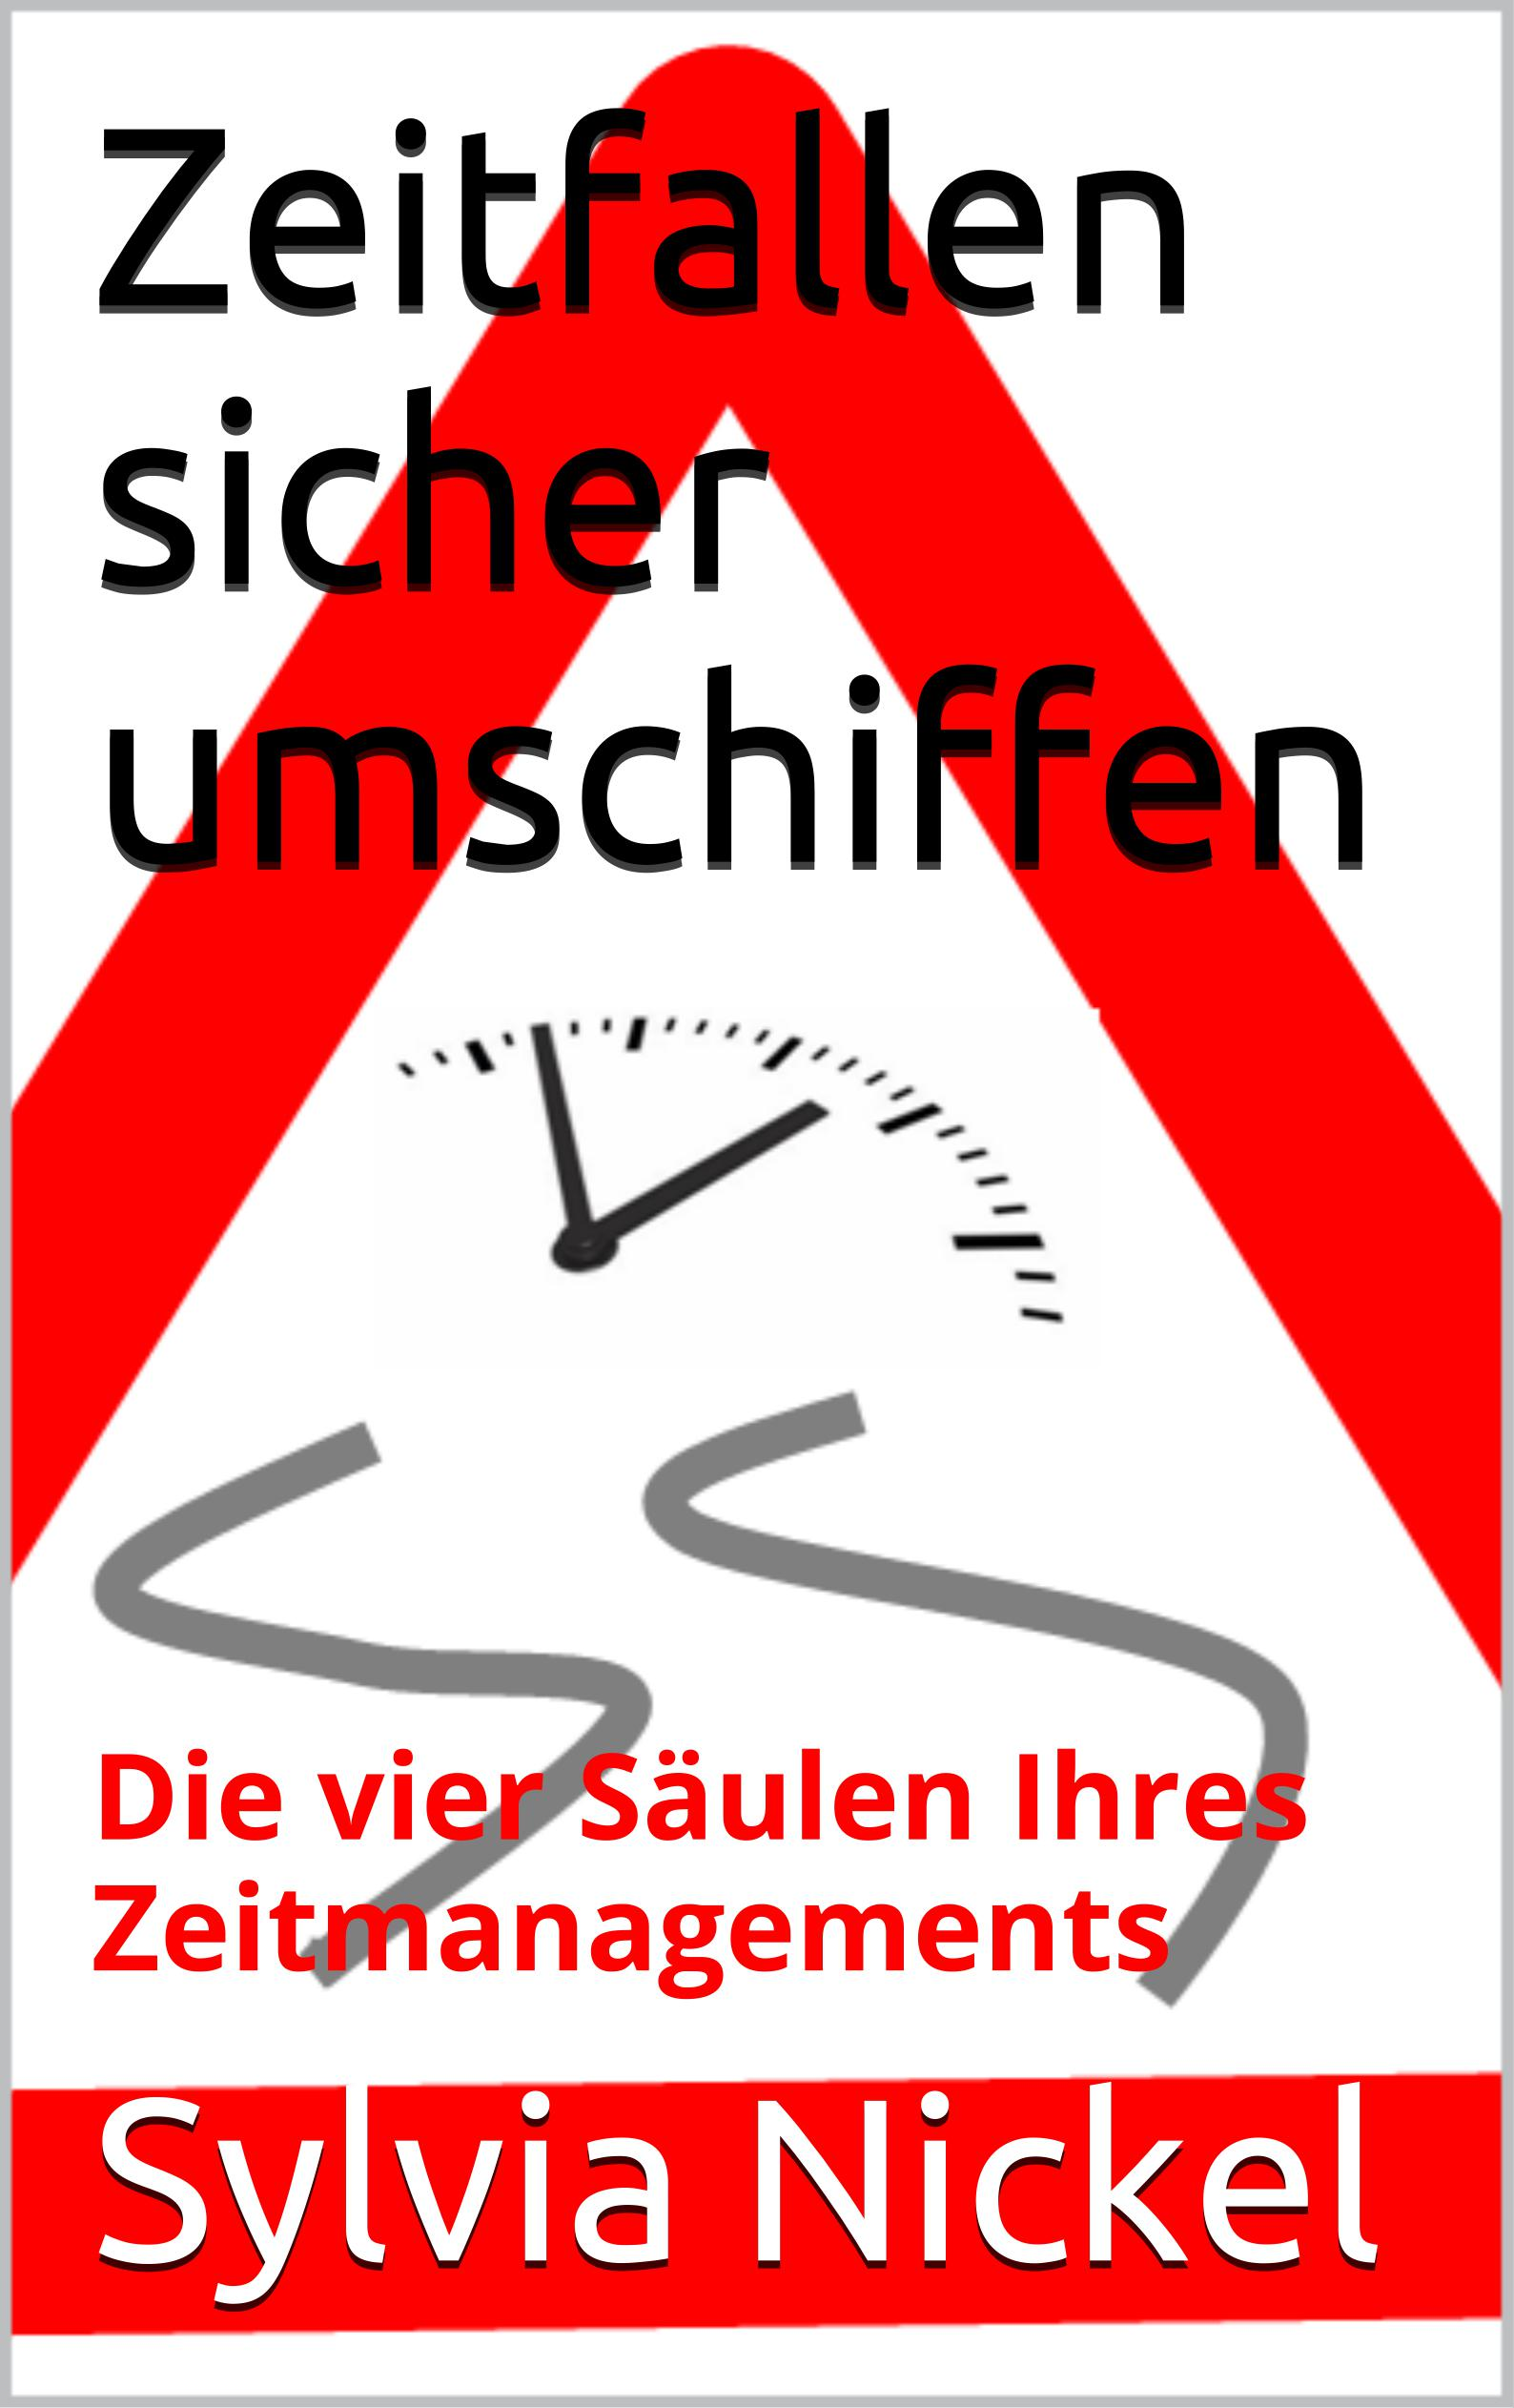 Zeitfallen sicher umschiffen (c) Sylvia Nickel | 2nc.de